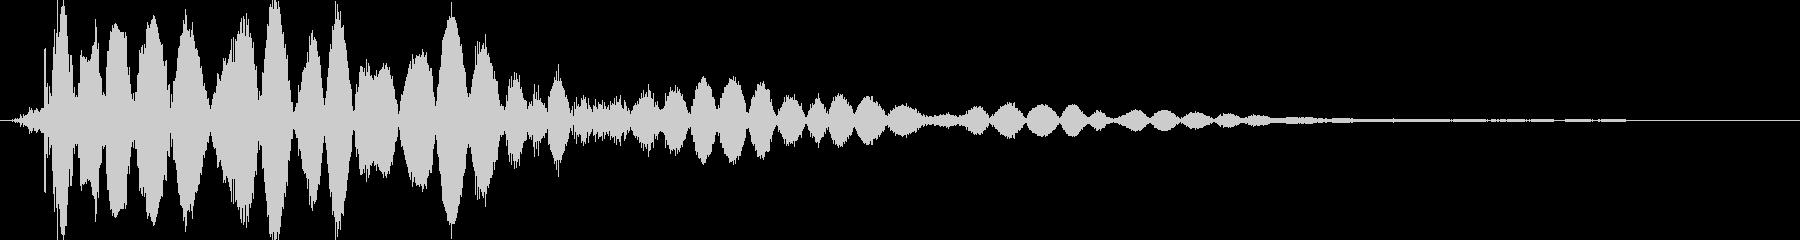 ヒットヒットインパクト6の未再生の波形